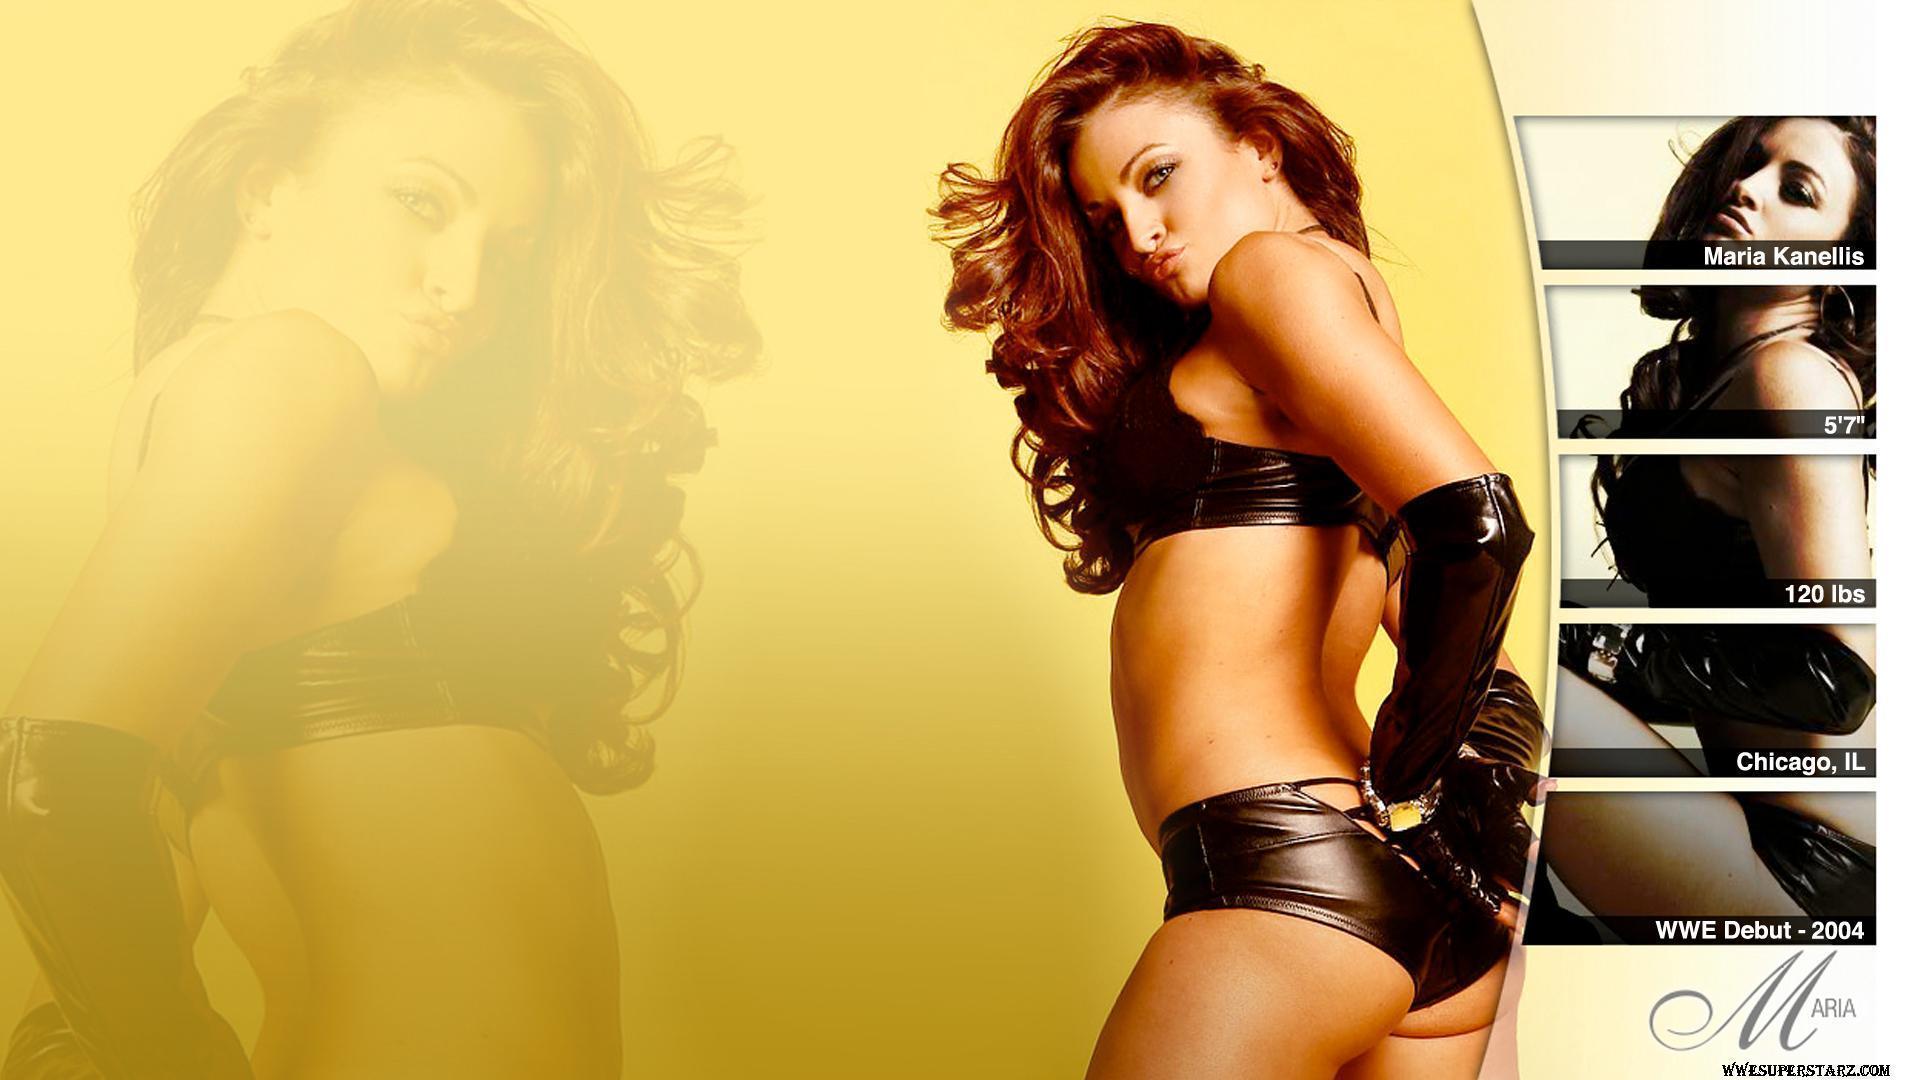 Blog de hot-wwe-divas - h0t-WWE-divas - Skyrockcom